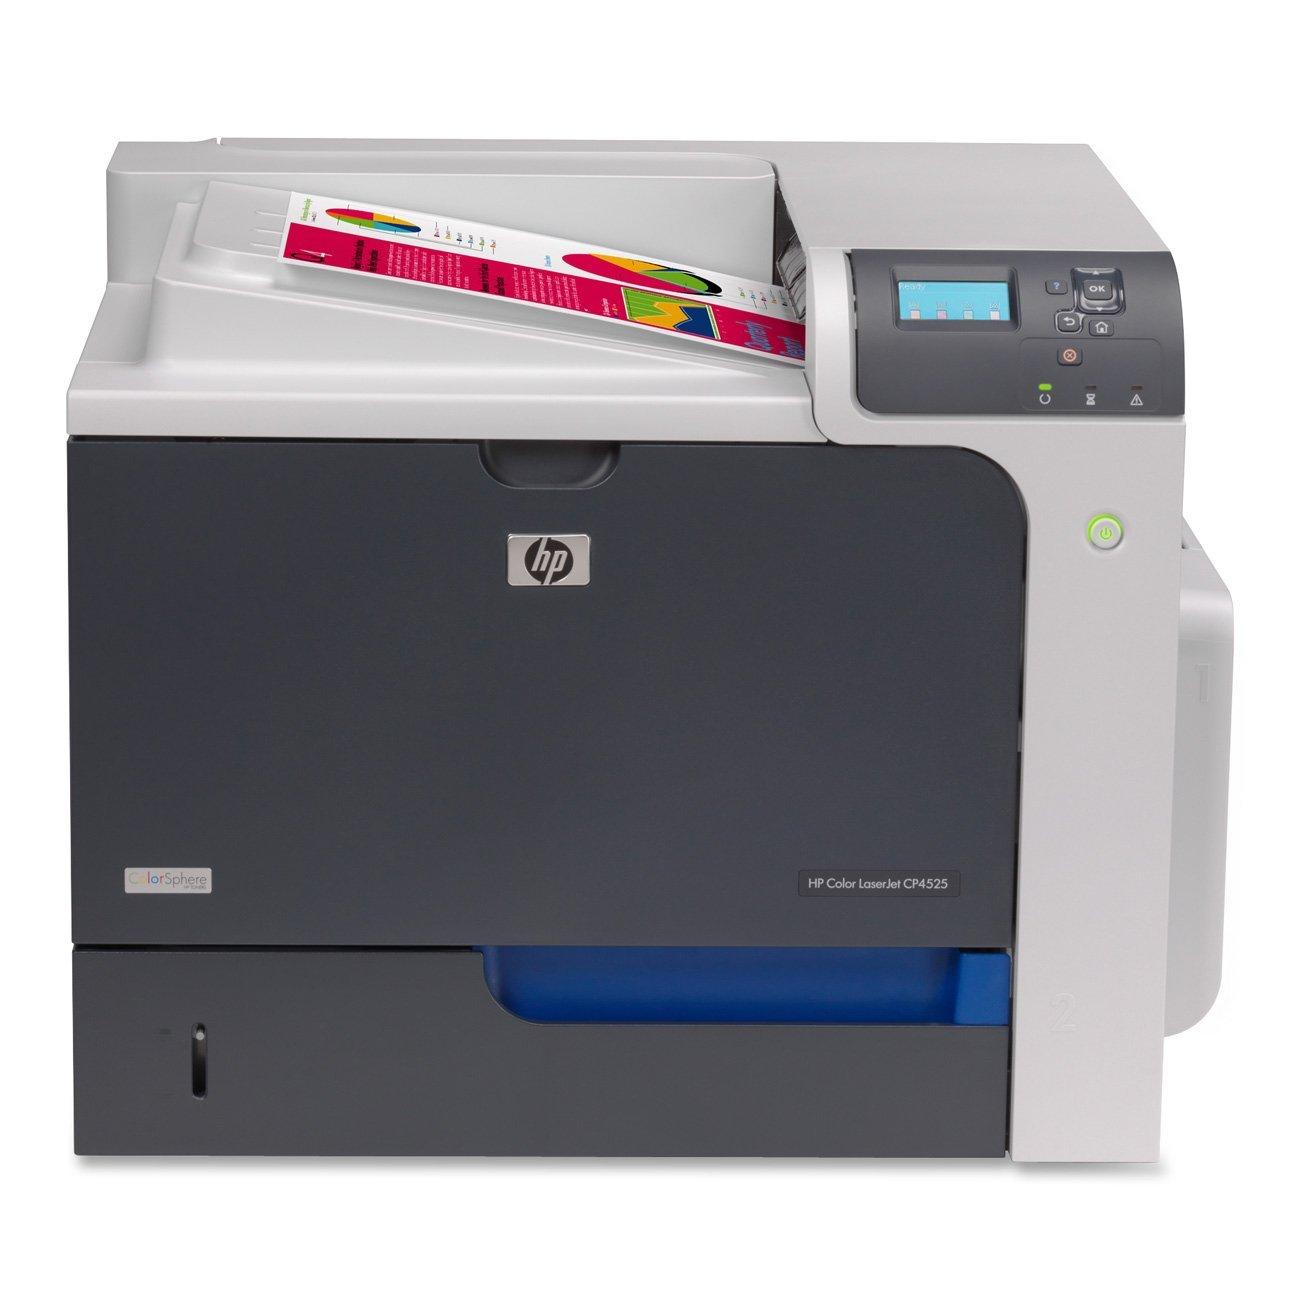 HP Color LaserJet Enterprise CP4525n /A4, 40ppm